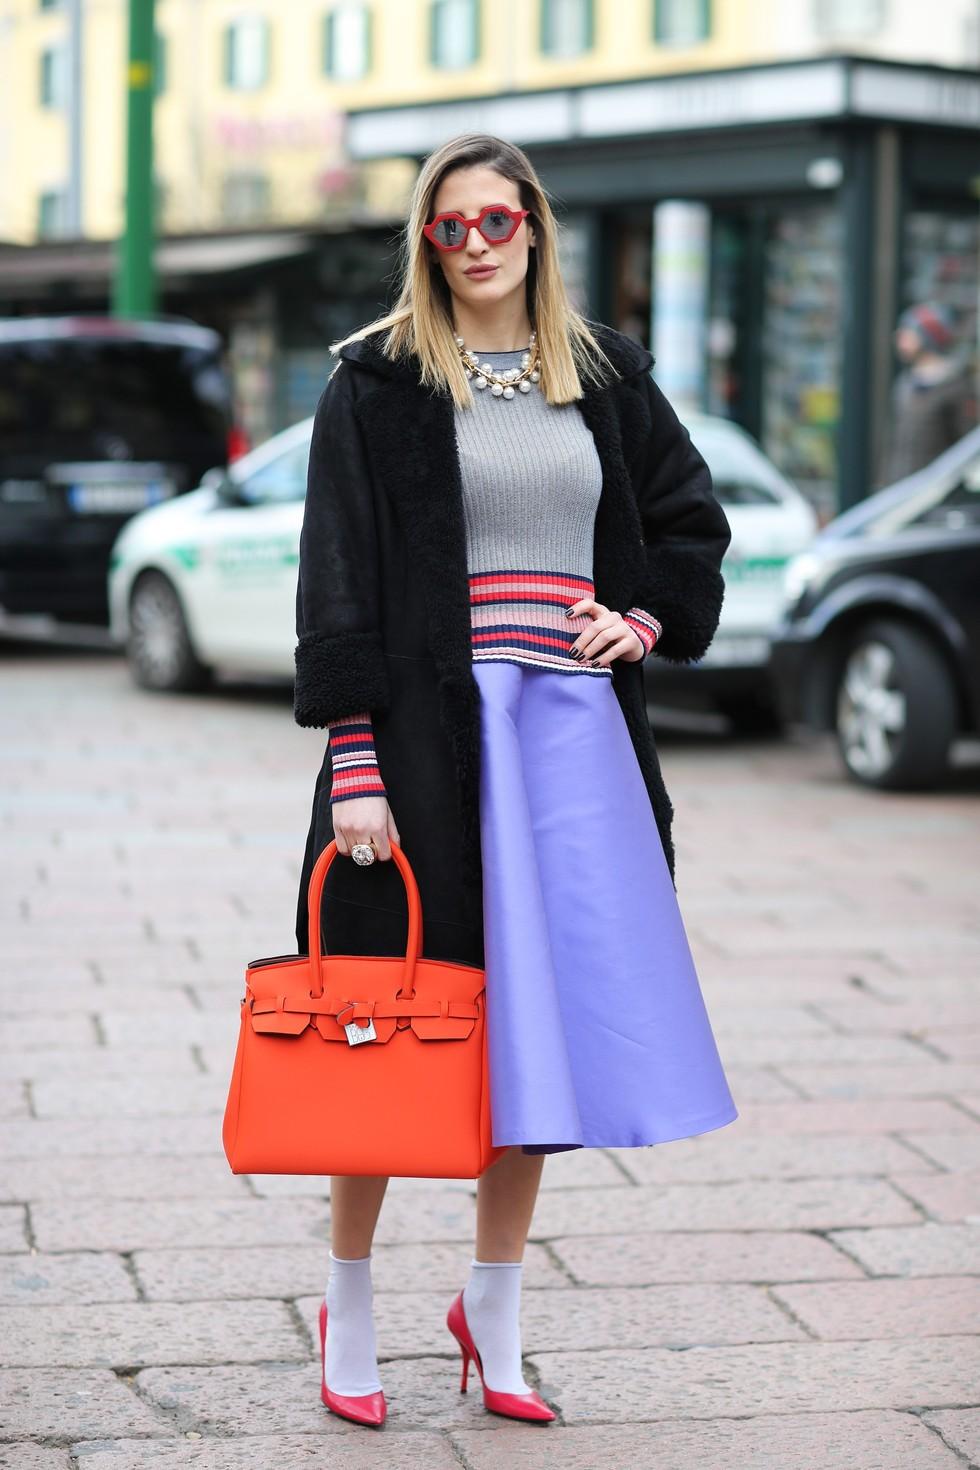 Модные замшевые юбки: с чем носить изоражения